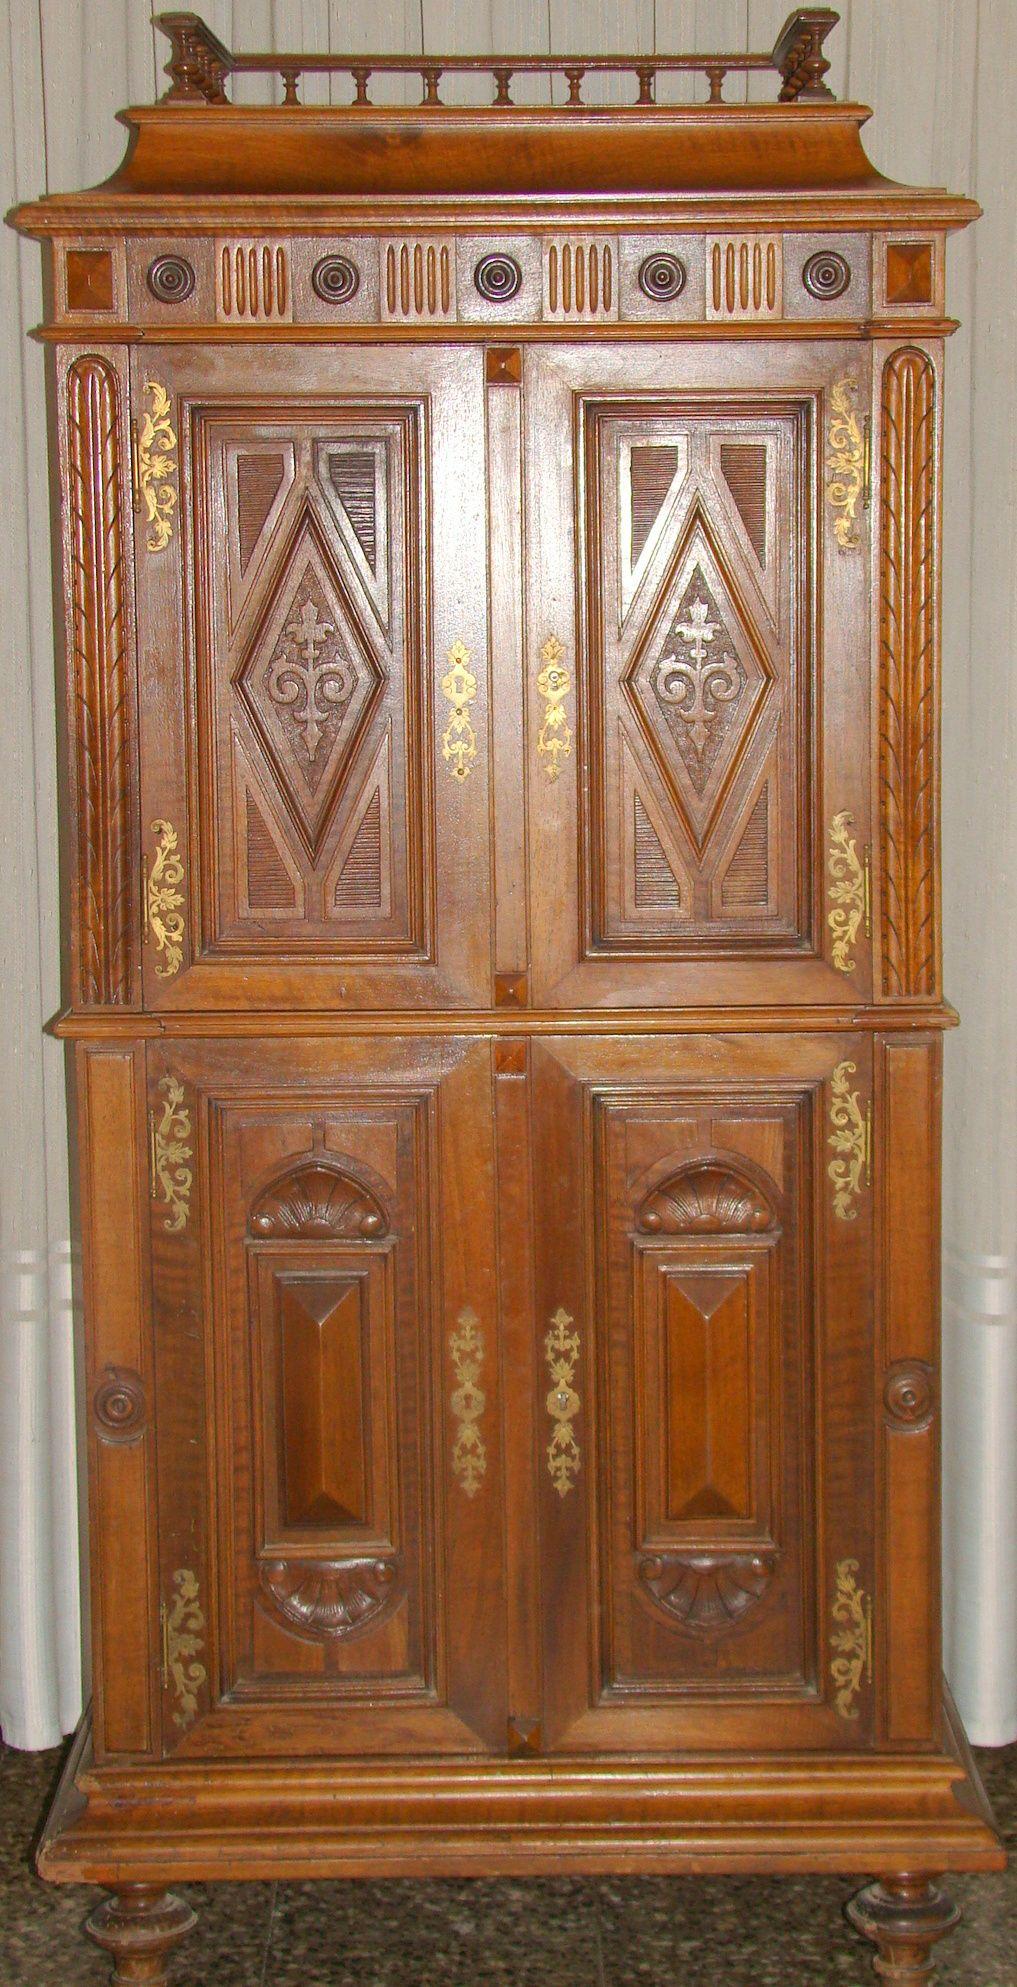 Mueble estilo renacimiento italiano 4 puertas con for Muebles estilo italiano